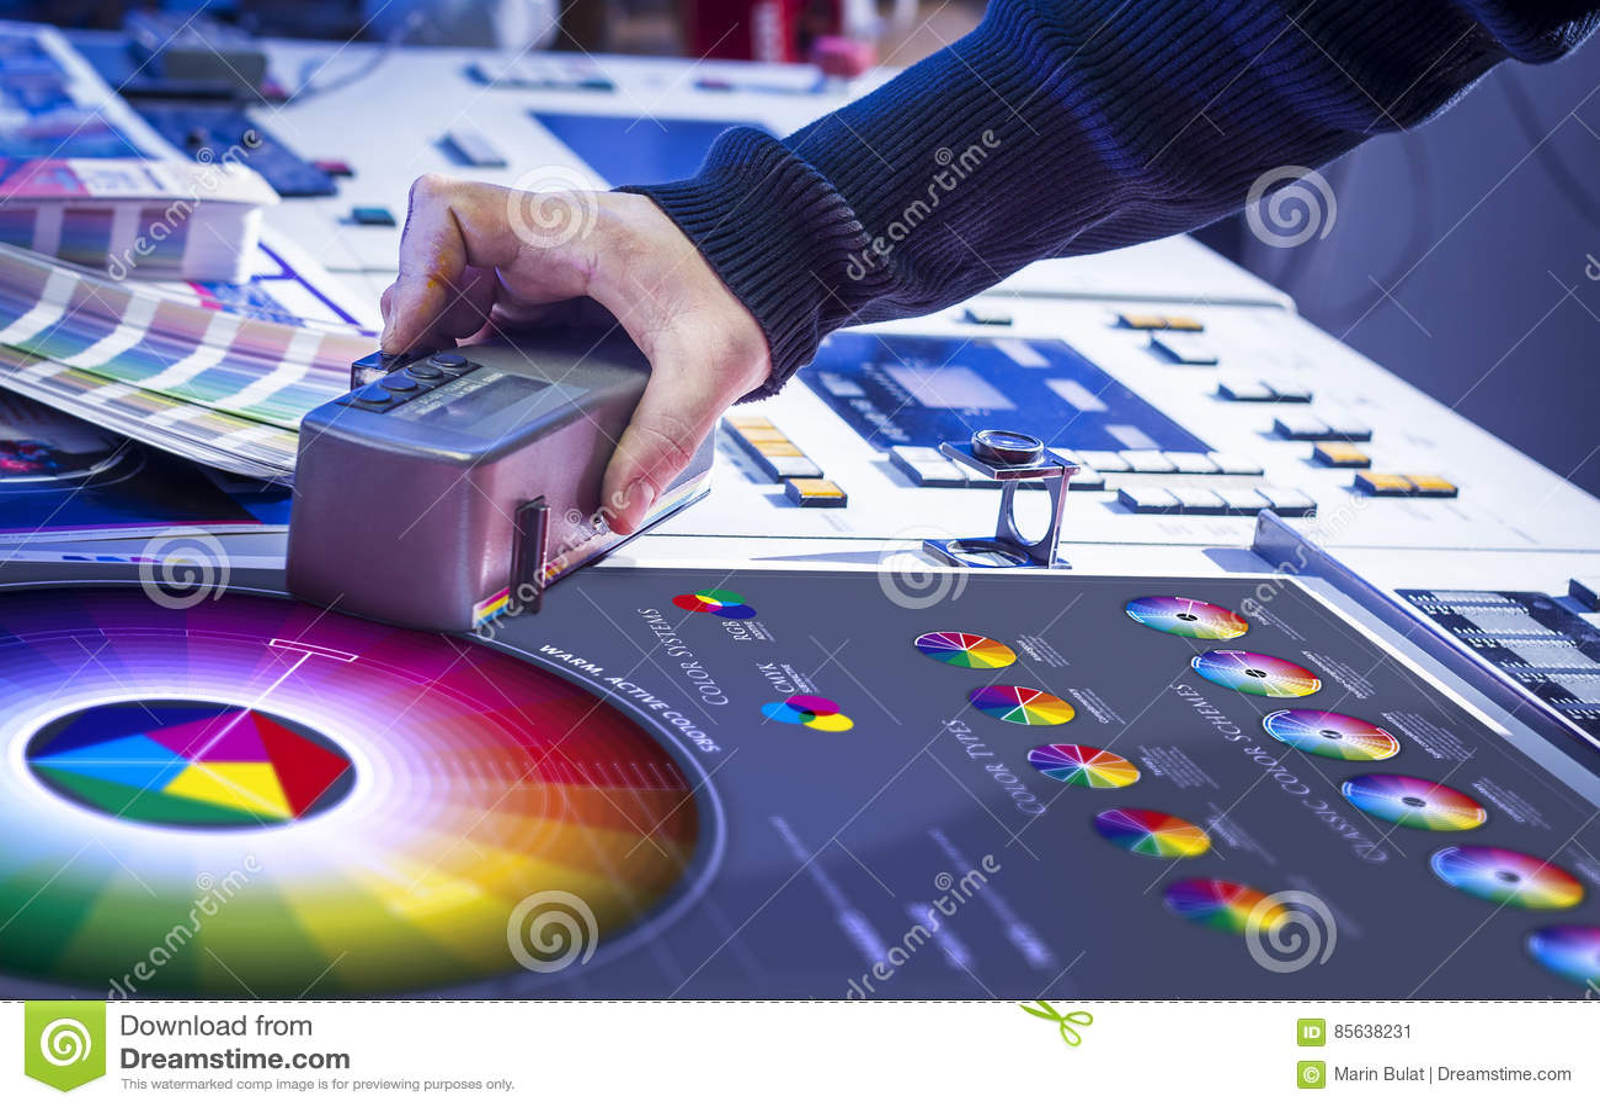 Le processus de la correction d impression offset et de couleur